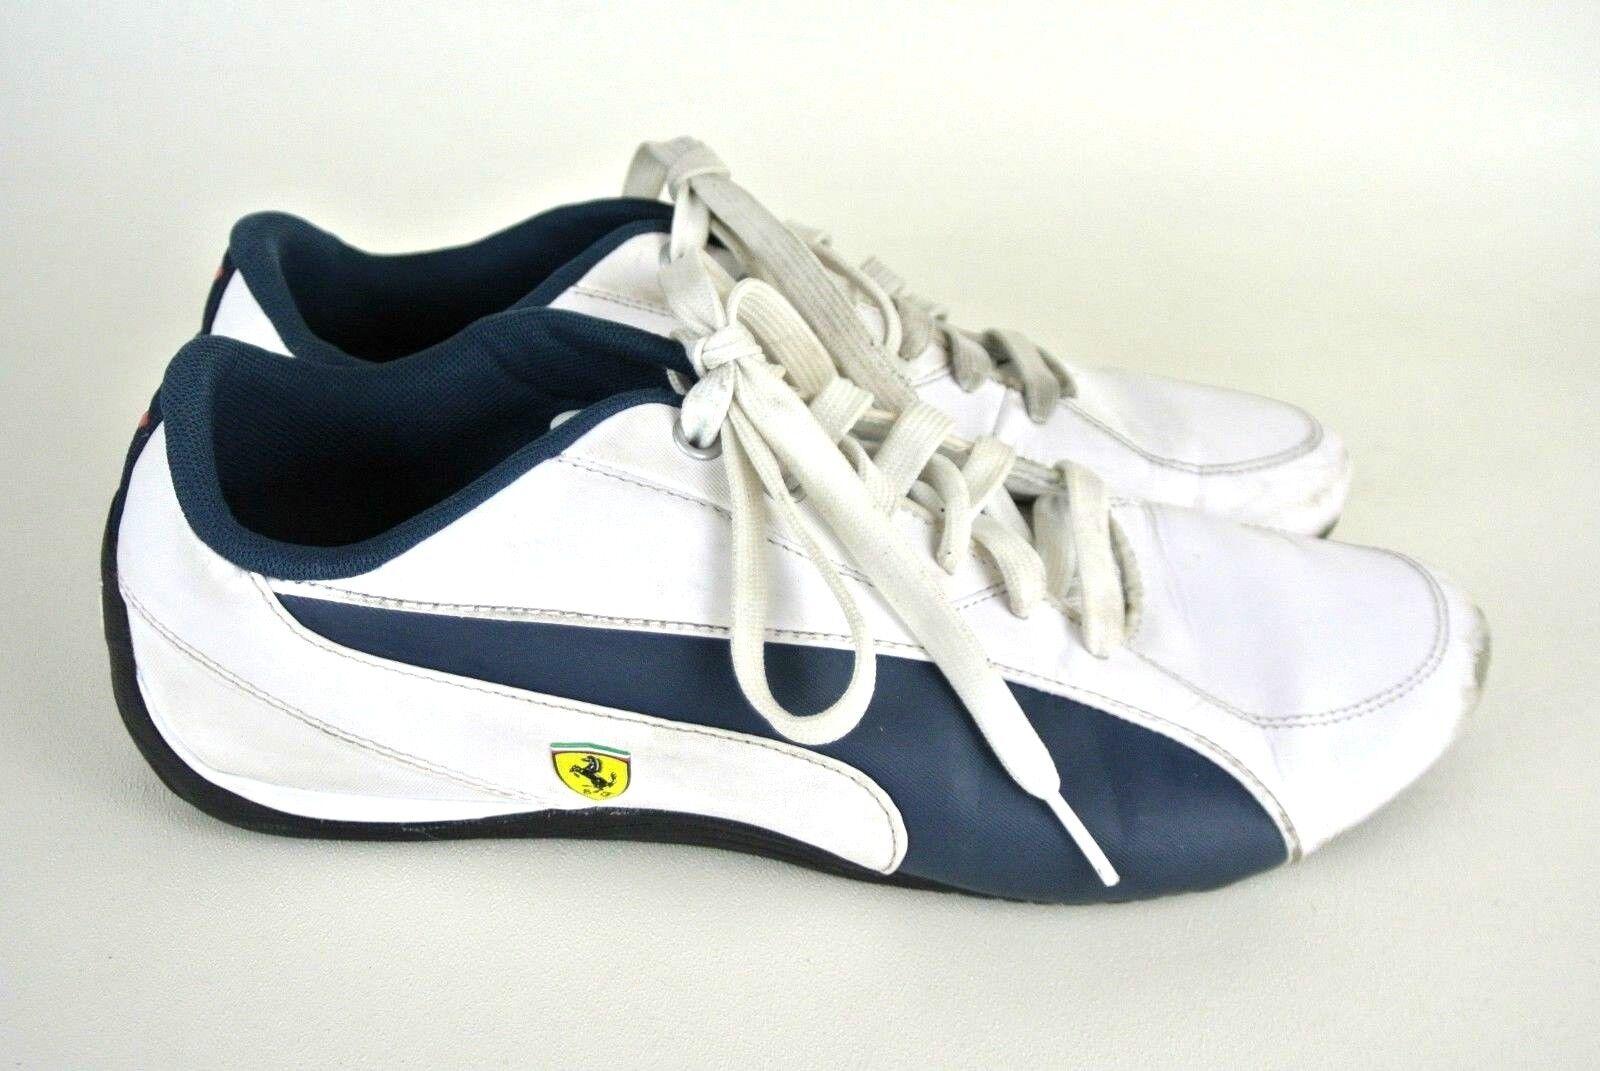 Puma Femme Lacets Baskets 9 Blanc Bleu Ferrari SIGNE athlétique Casual  1008